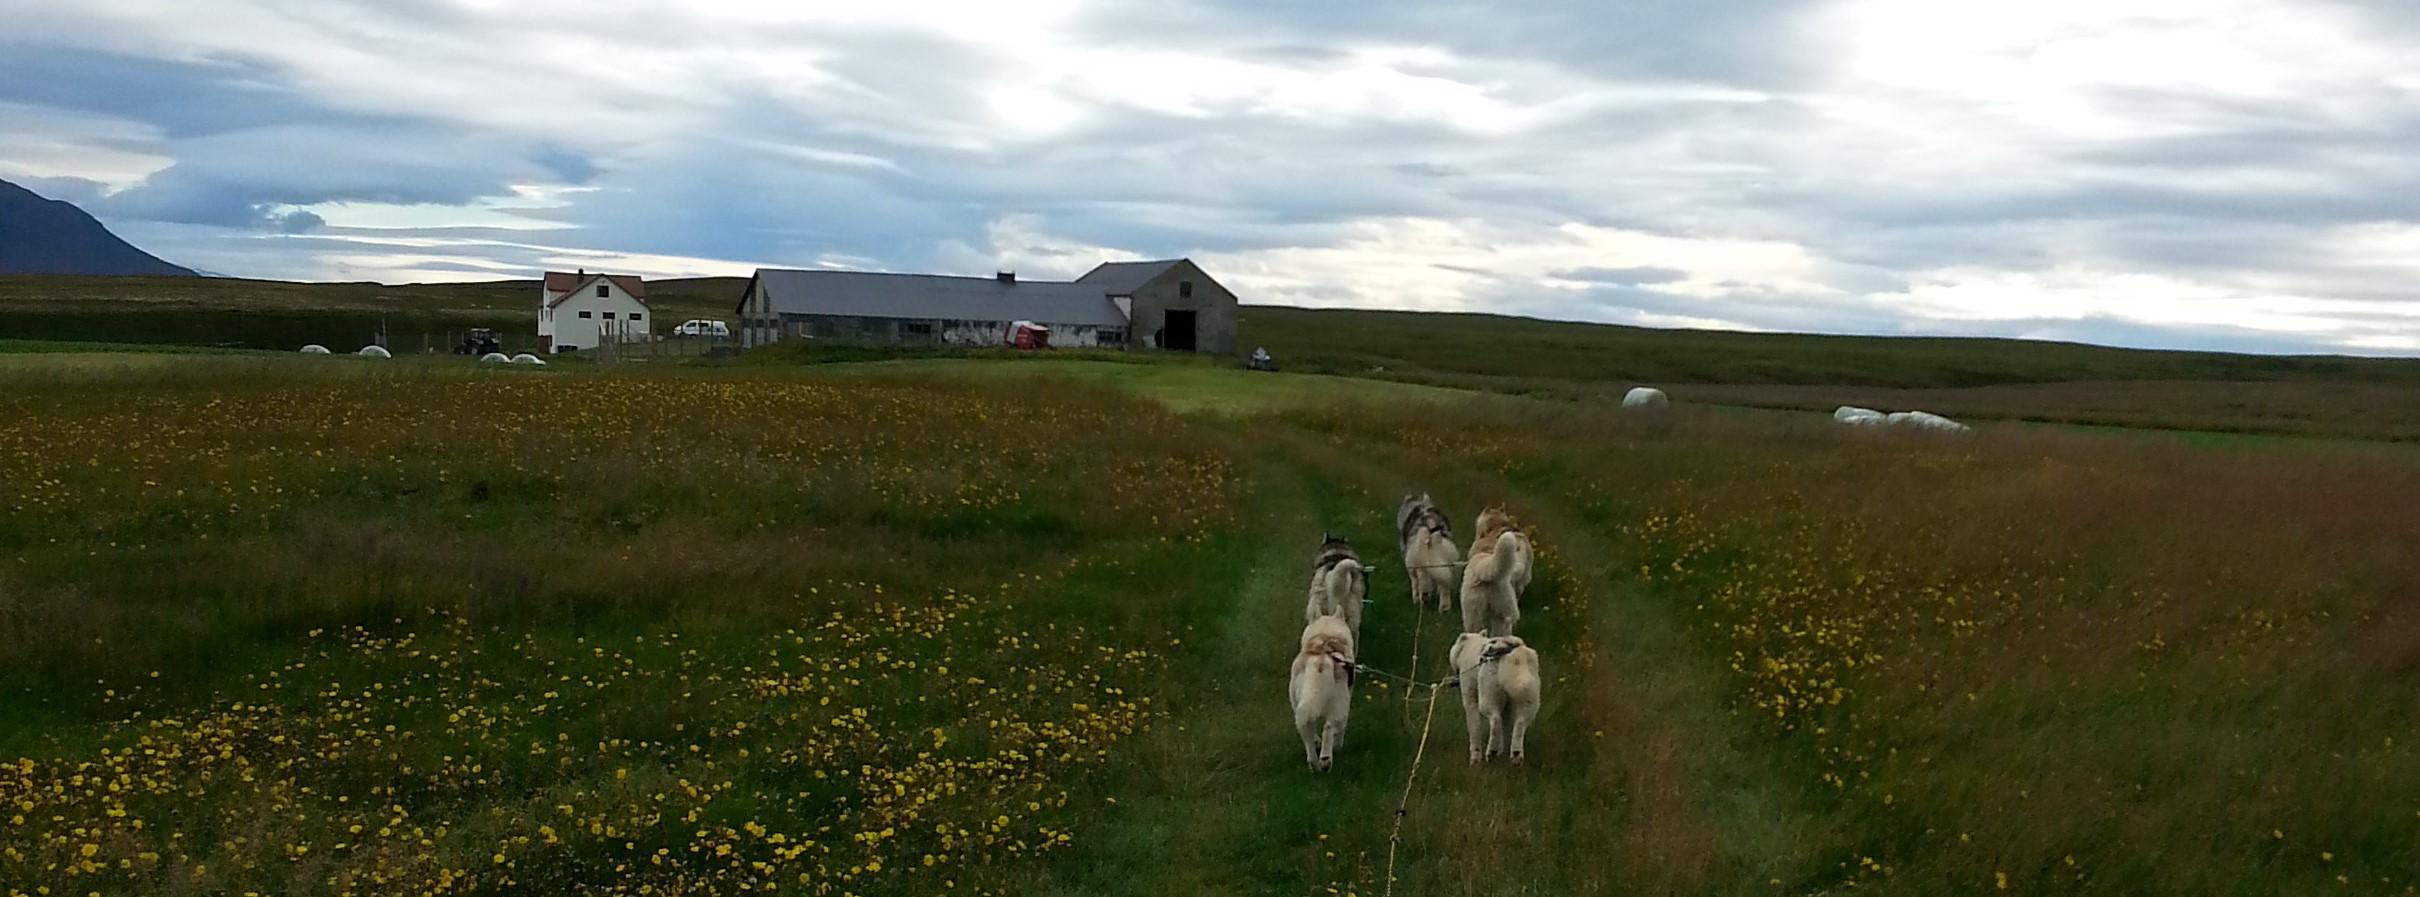 Fahre auf einer Hundekarren-Tour über das Farmland in der Nähe des Mývatn-Sees.